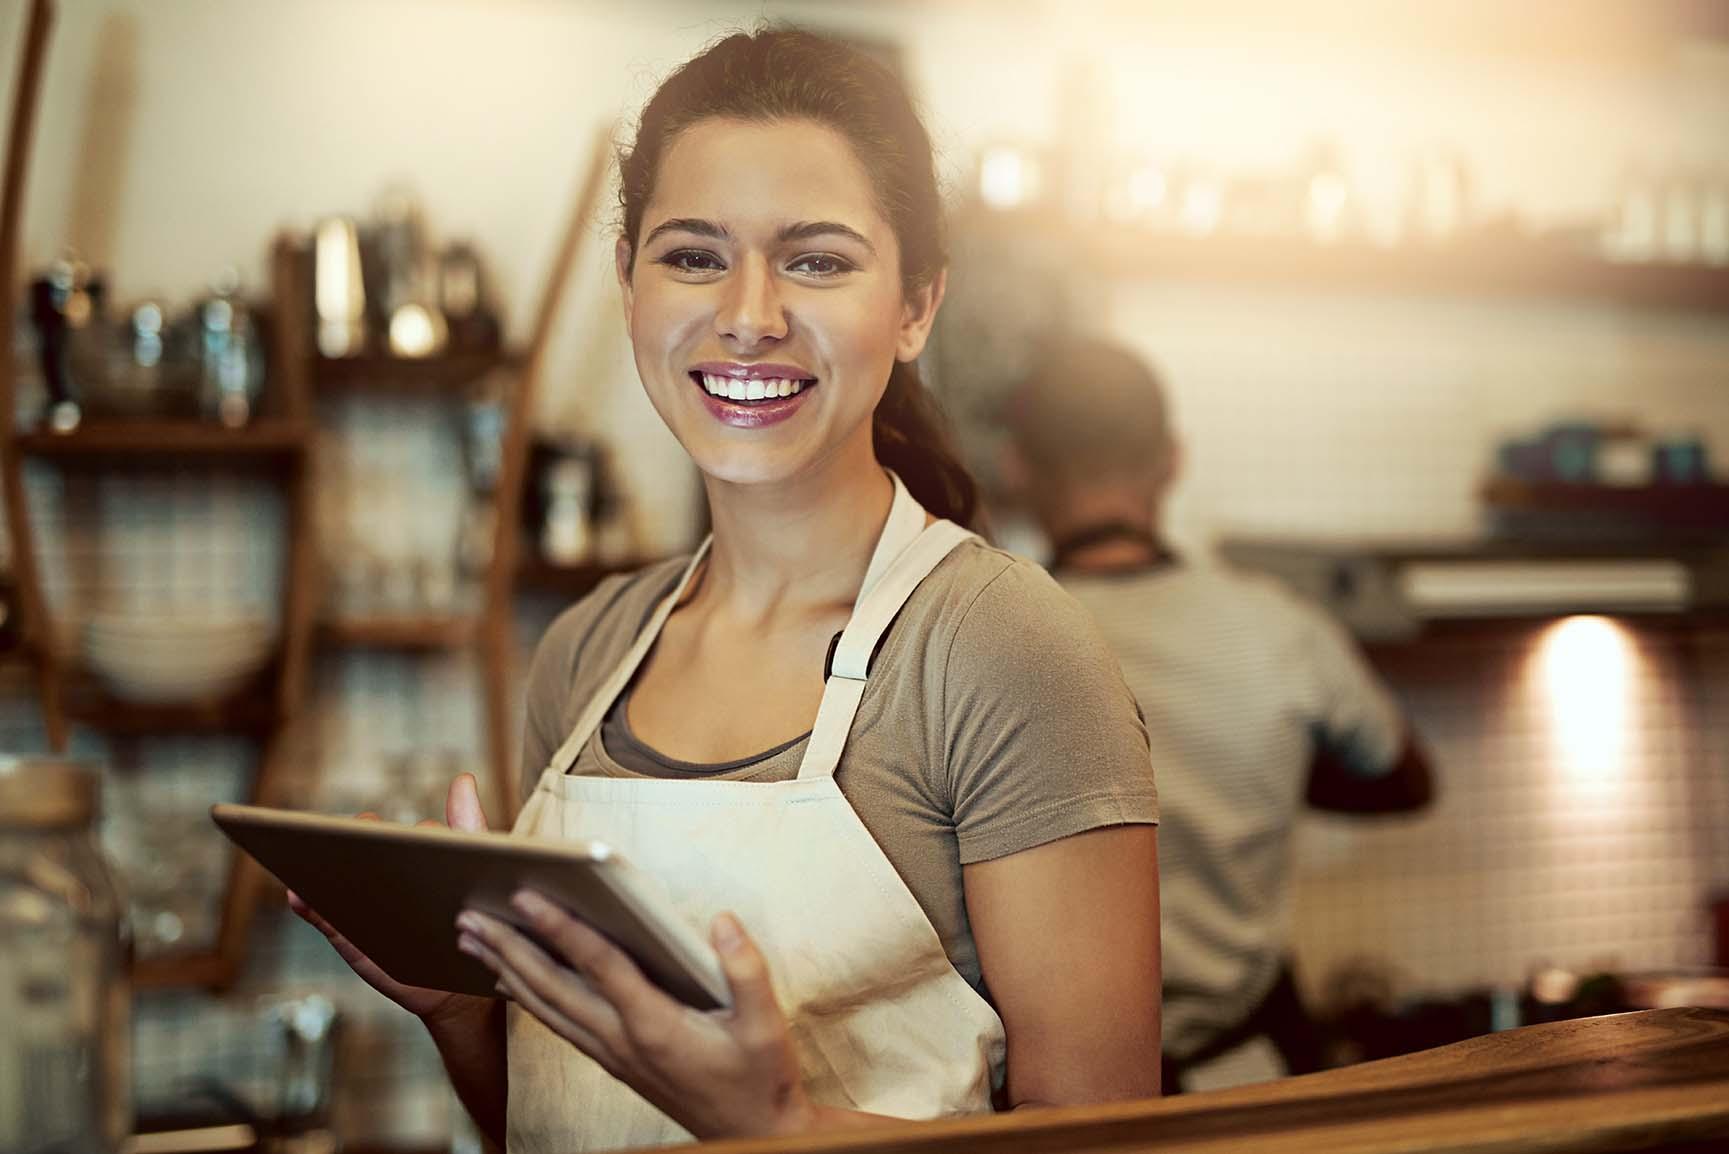 Kvinna står på ett cafe med en iPad i handen